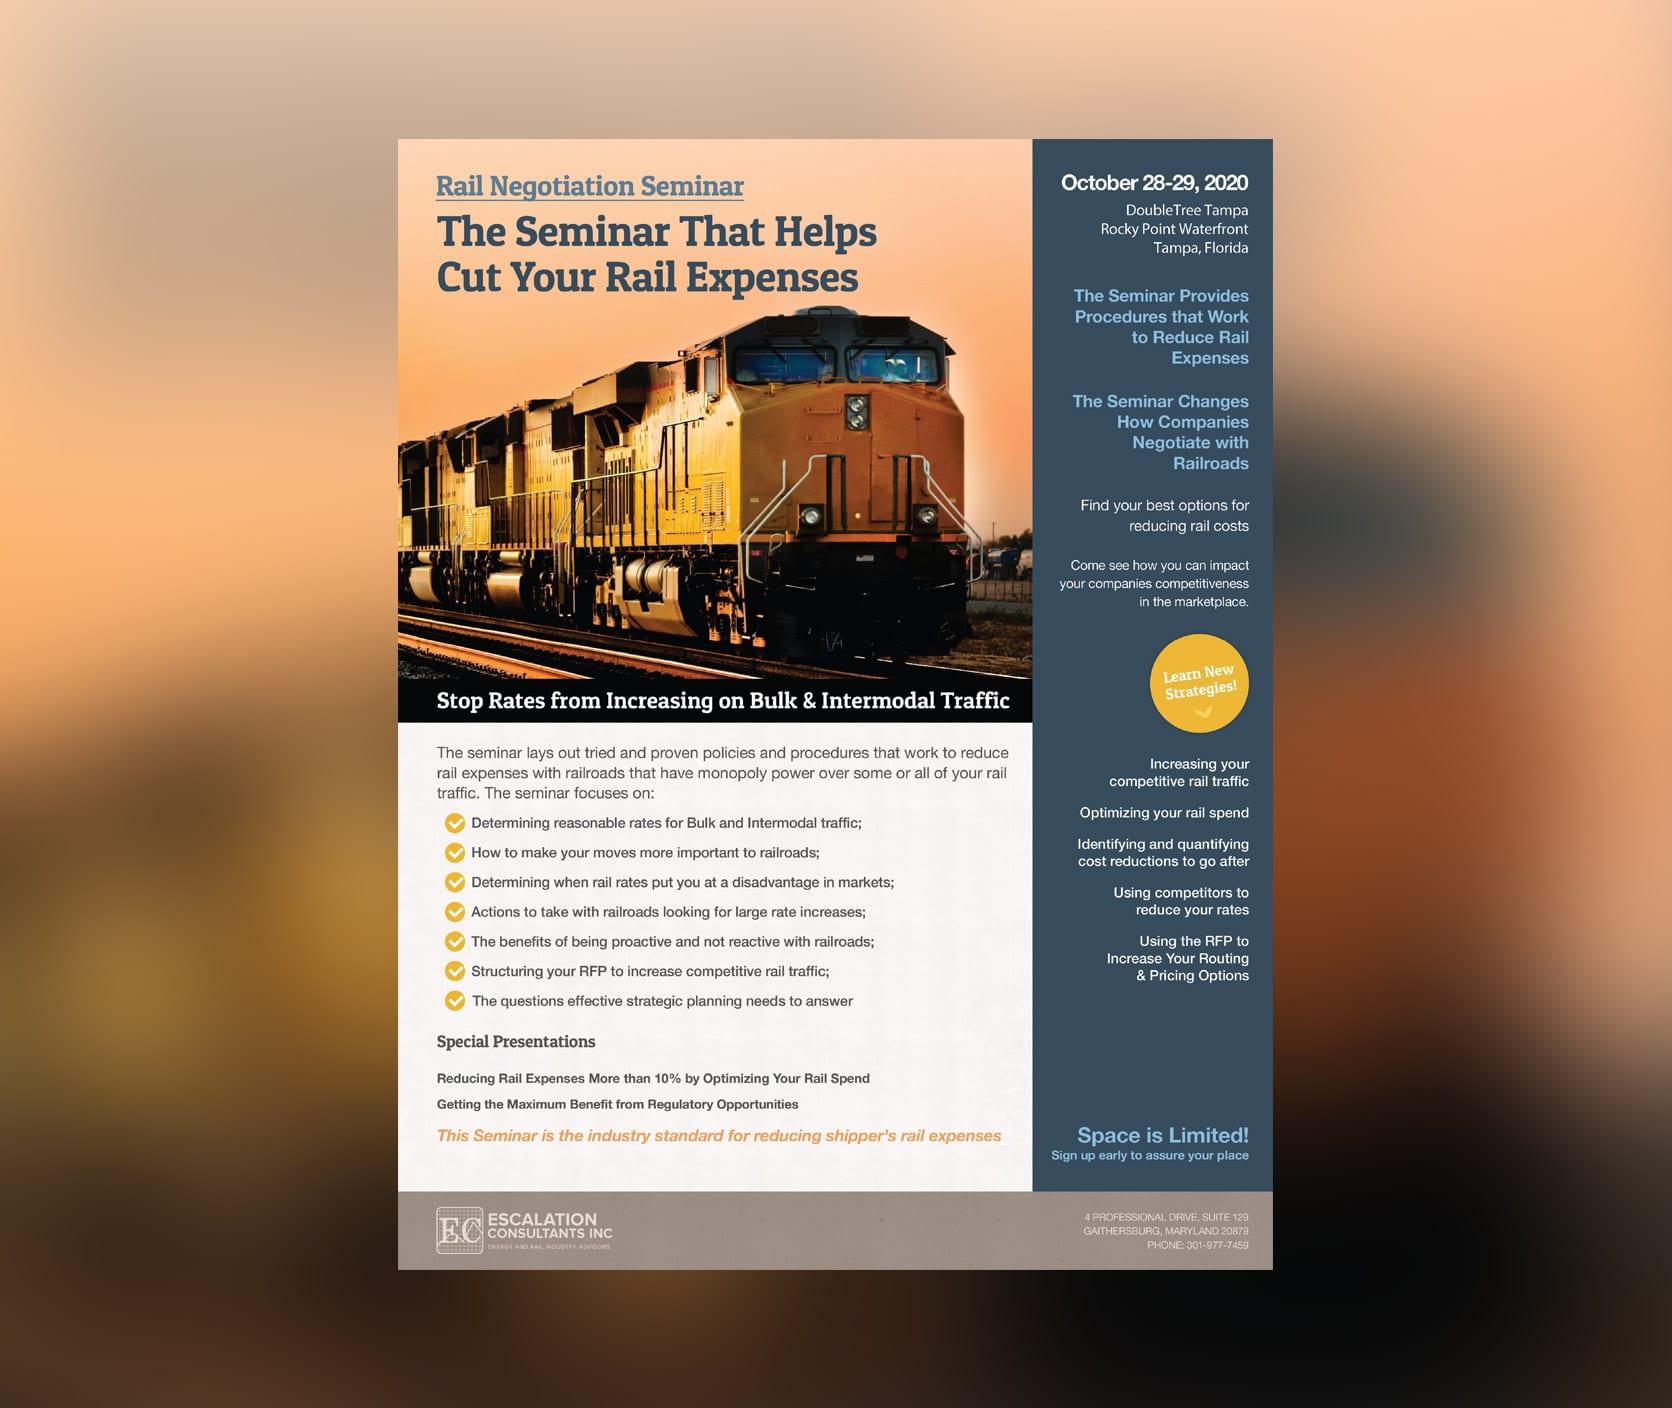 october 29, 2020 rail negotiation training seminar